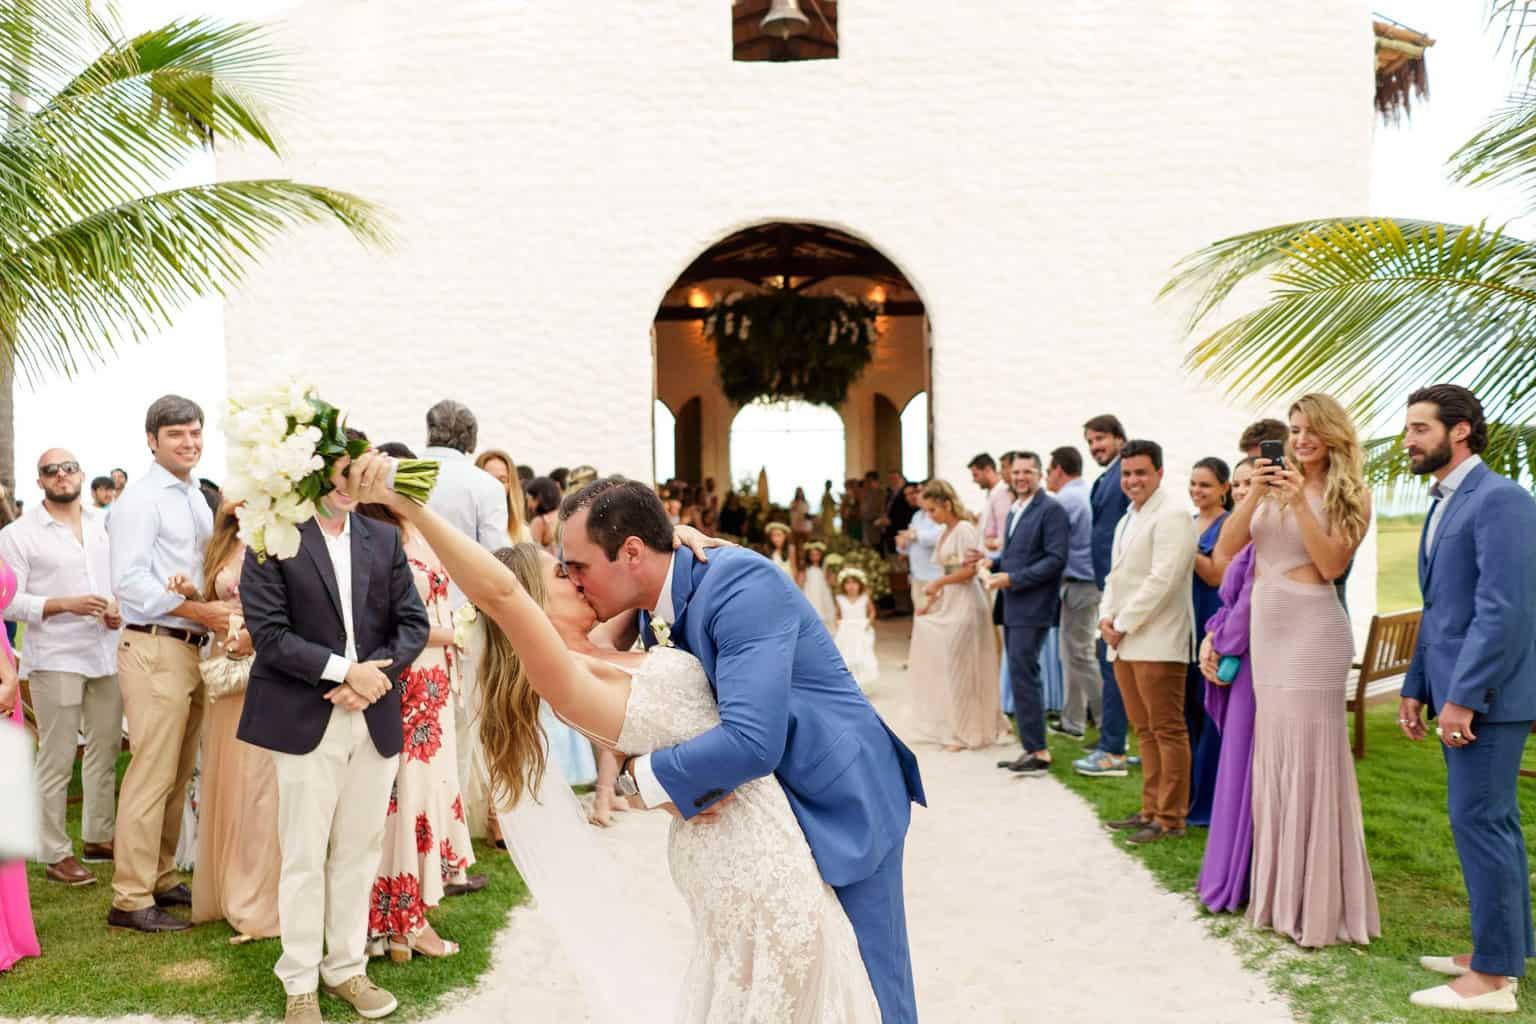 AL-Aline-e-Mauricio-capela-dos-milagres-casamento-casamento-na-praia-cerimonia-na-igreja-noivos-na-igreja-saida-dos-noivos101-1